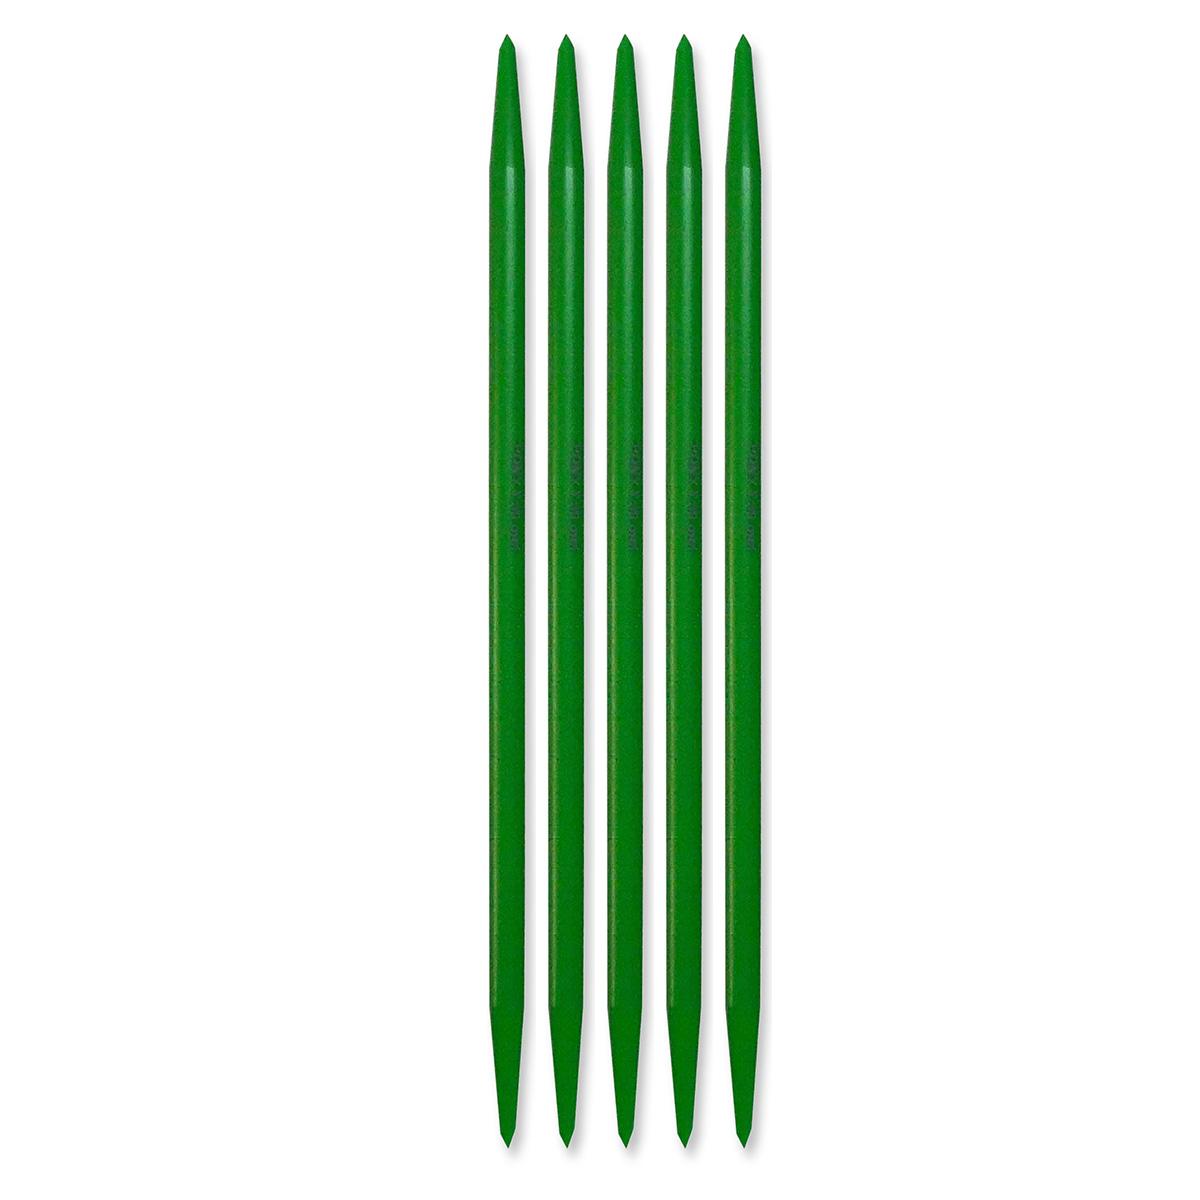 Pony strømpepinde - Nr. 7 - Grøn